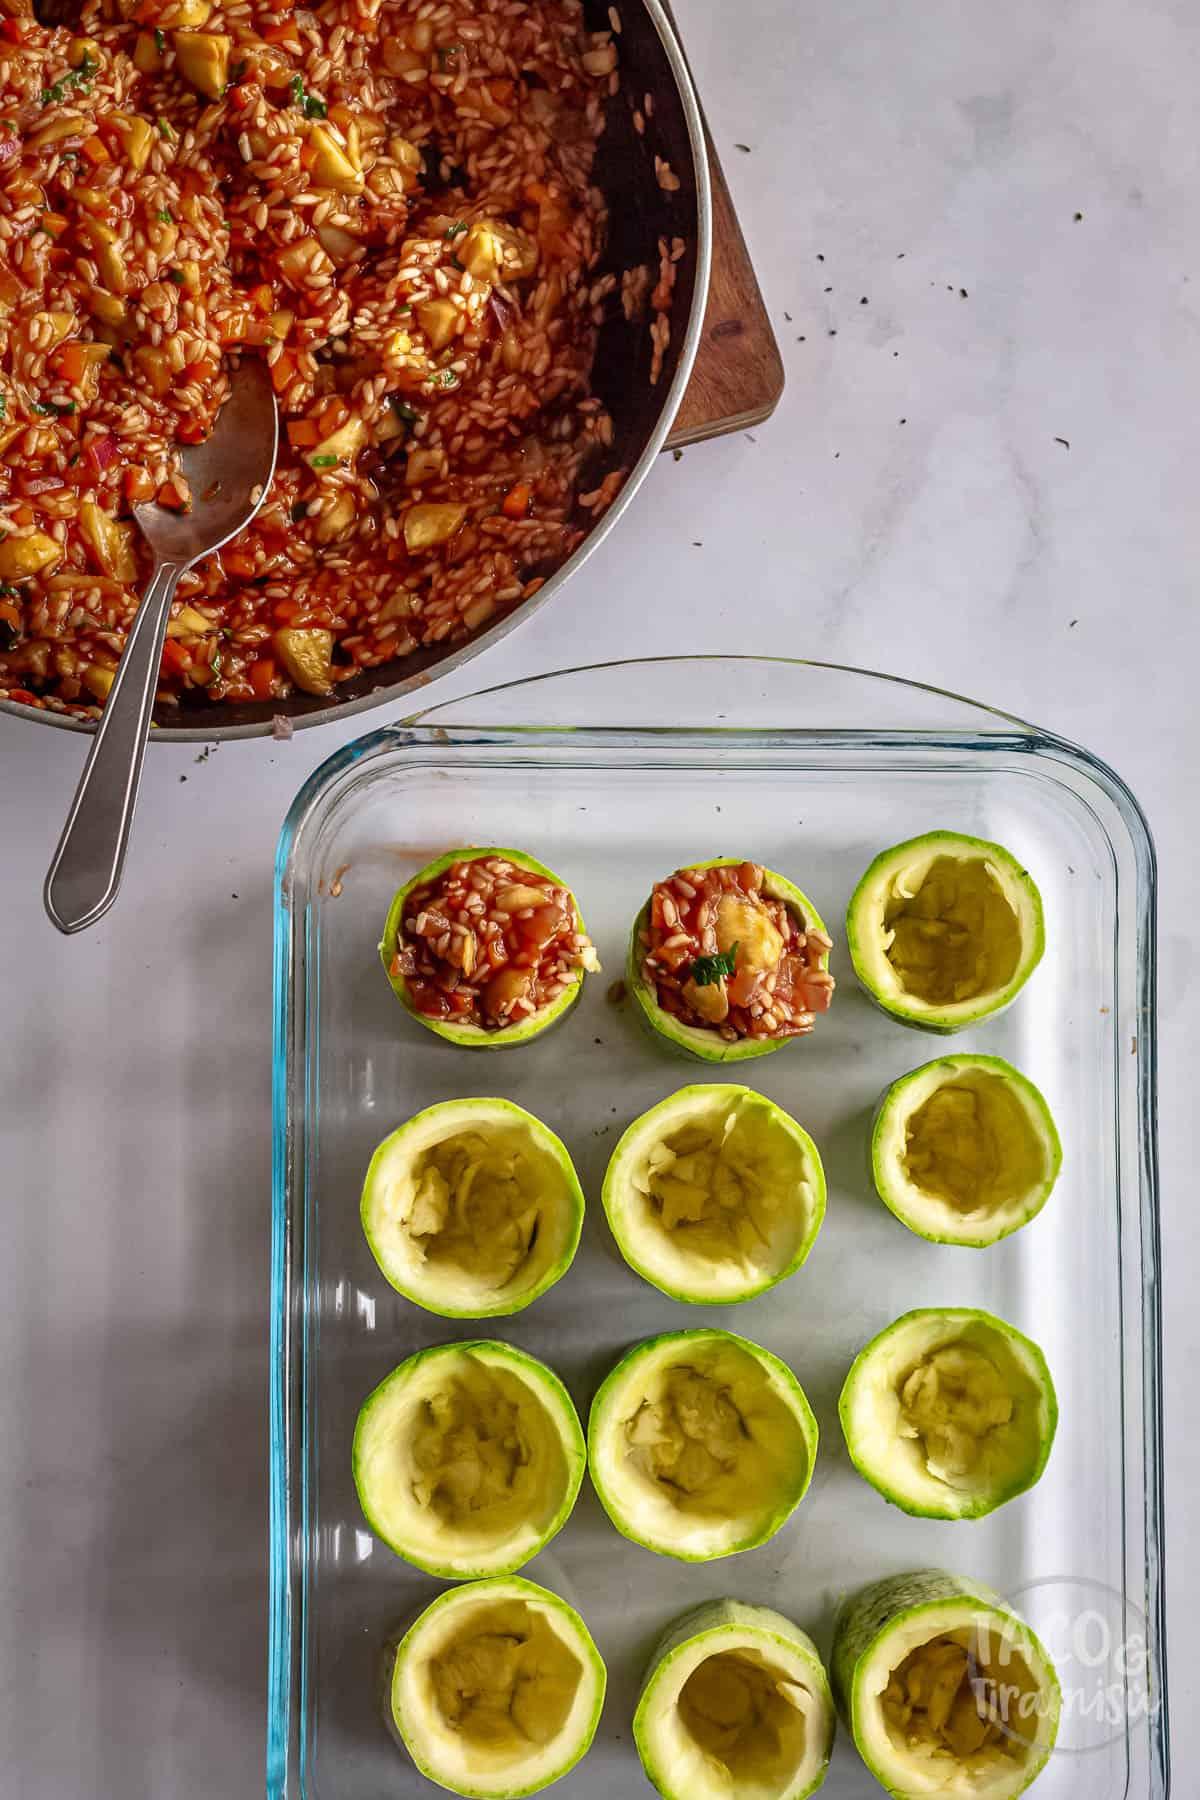 stuffing the zucchini